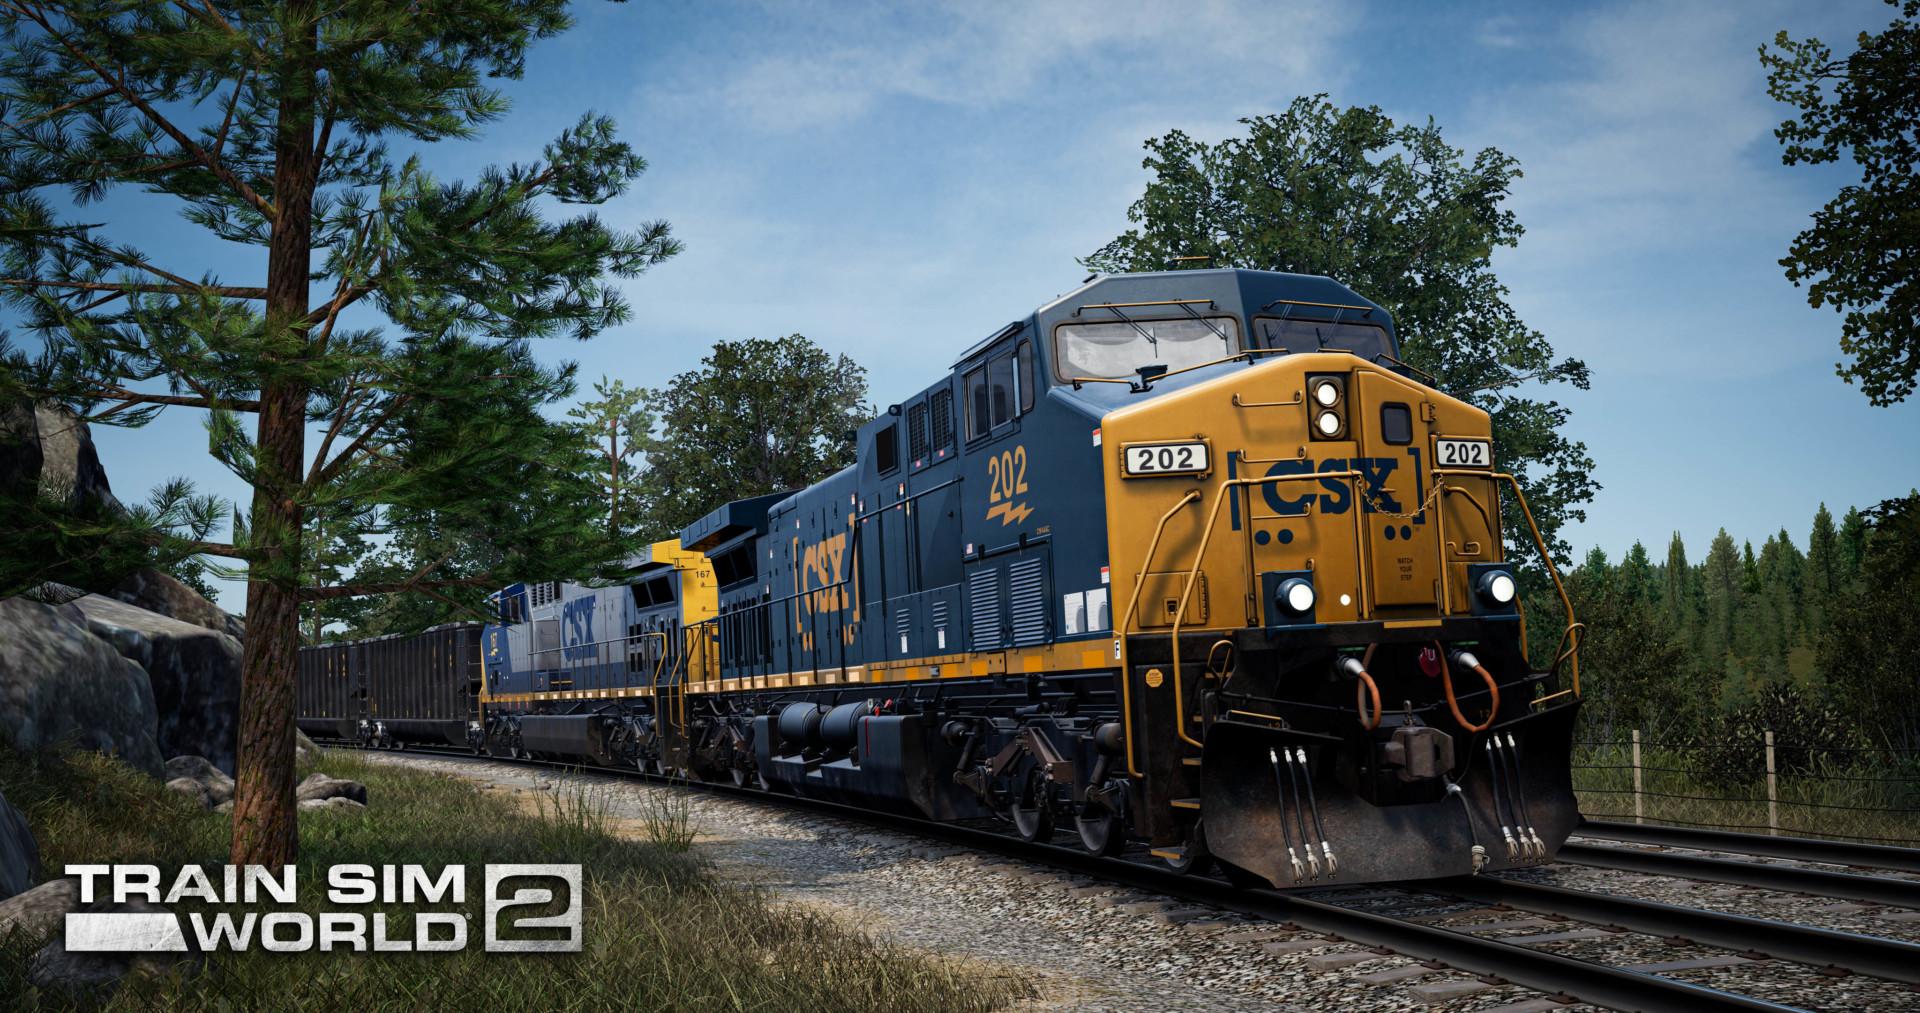 Поезд Sim World 2 ускоряется в этом августе (3)